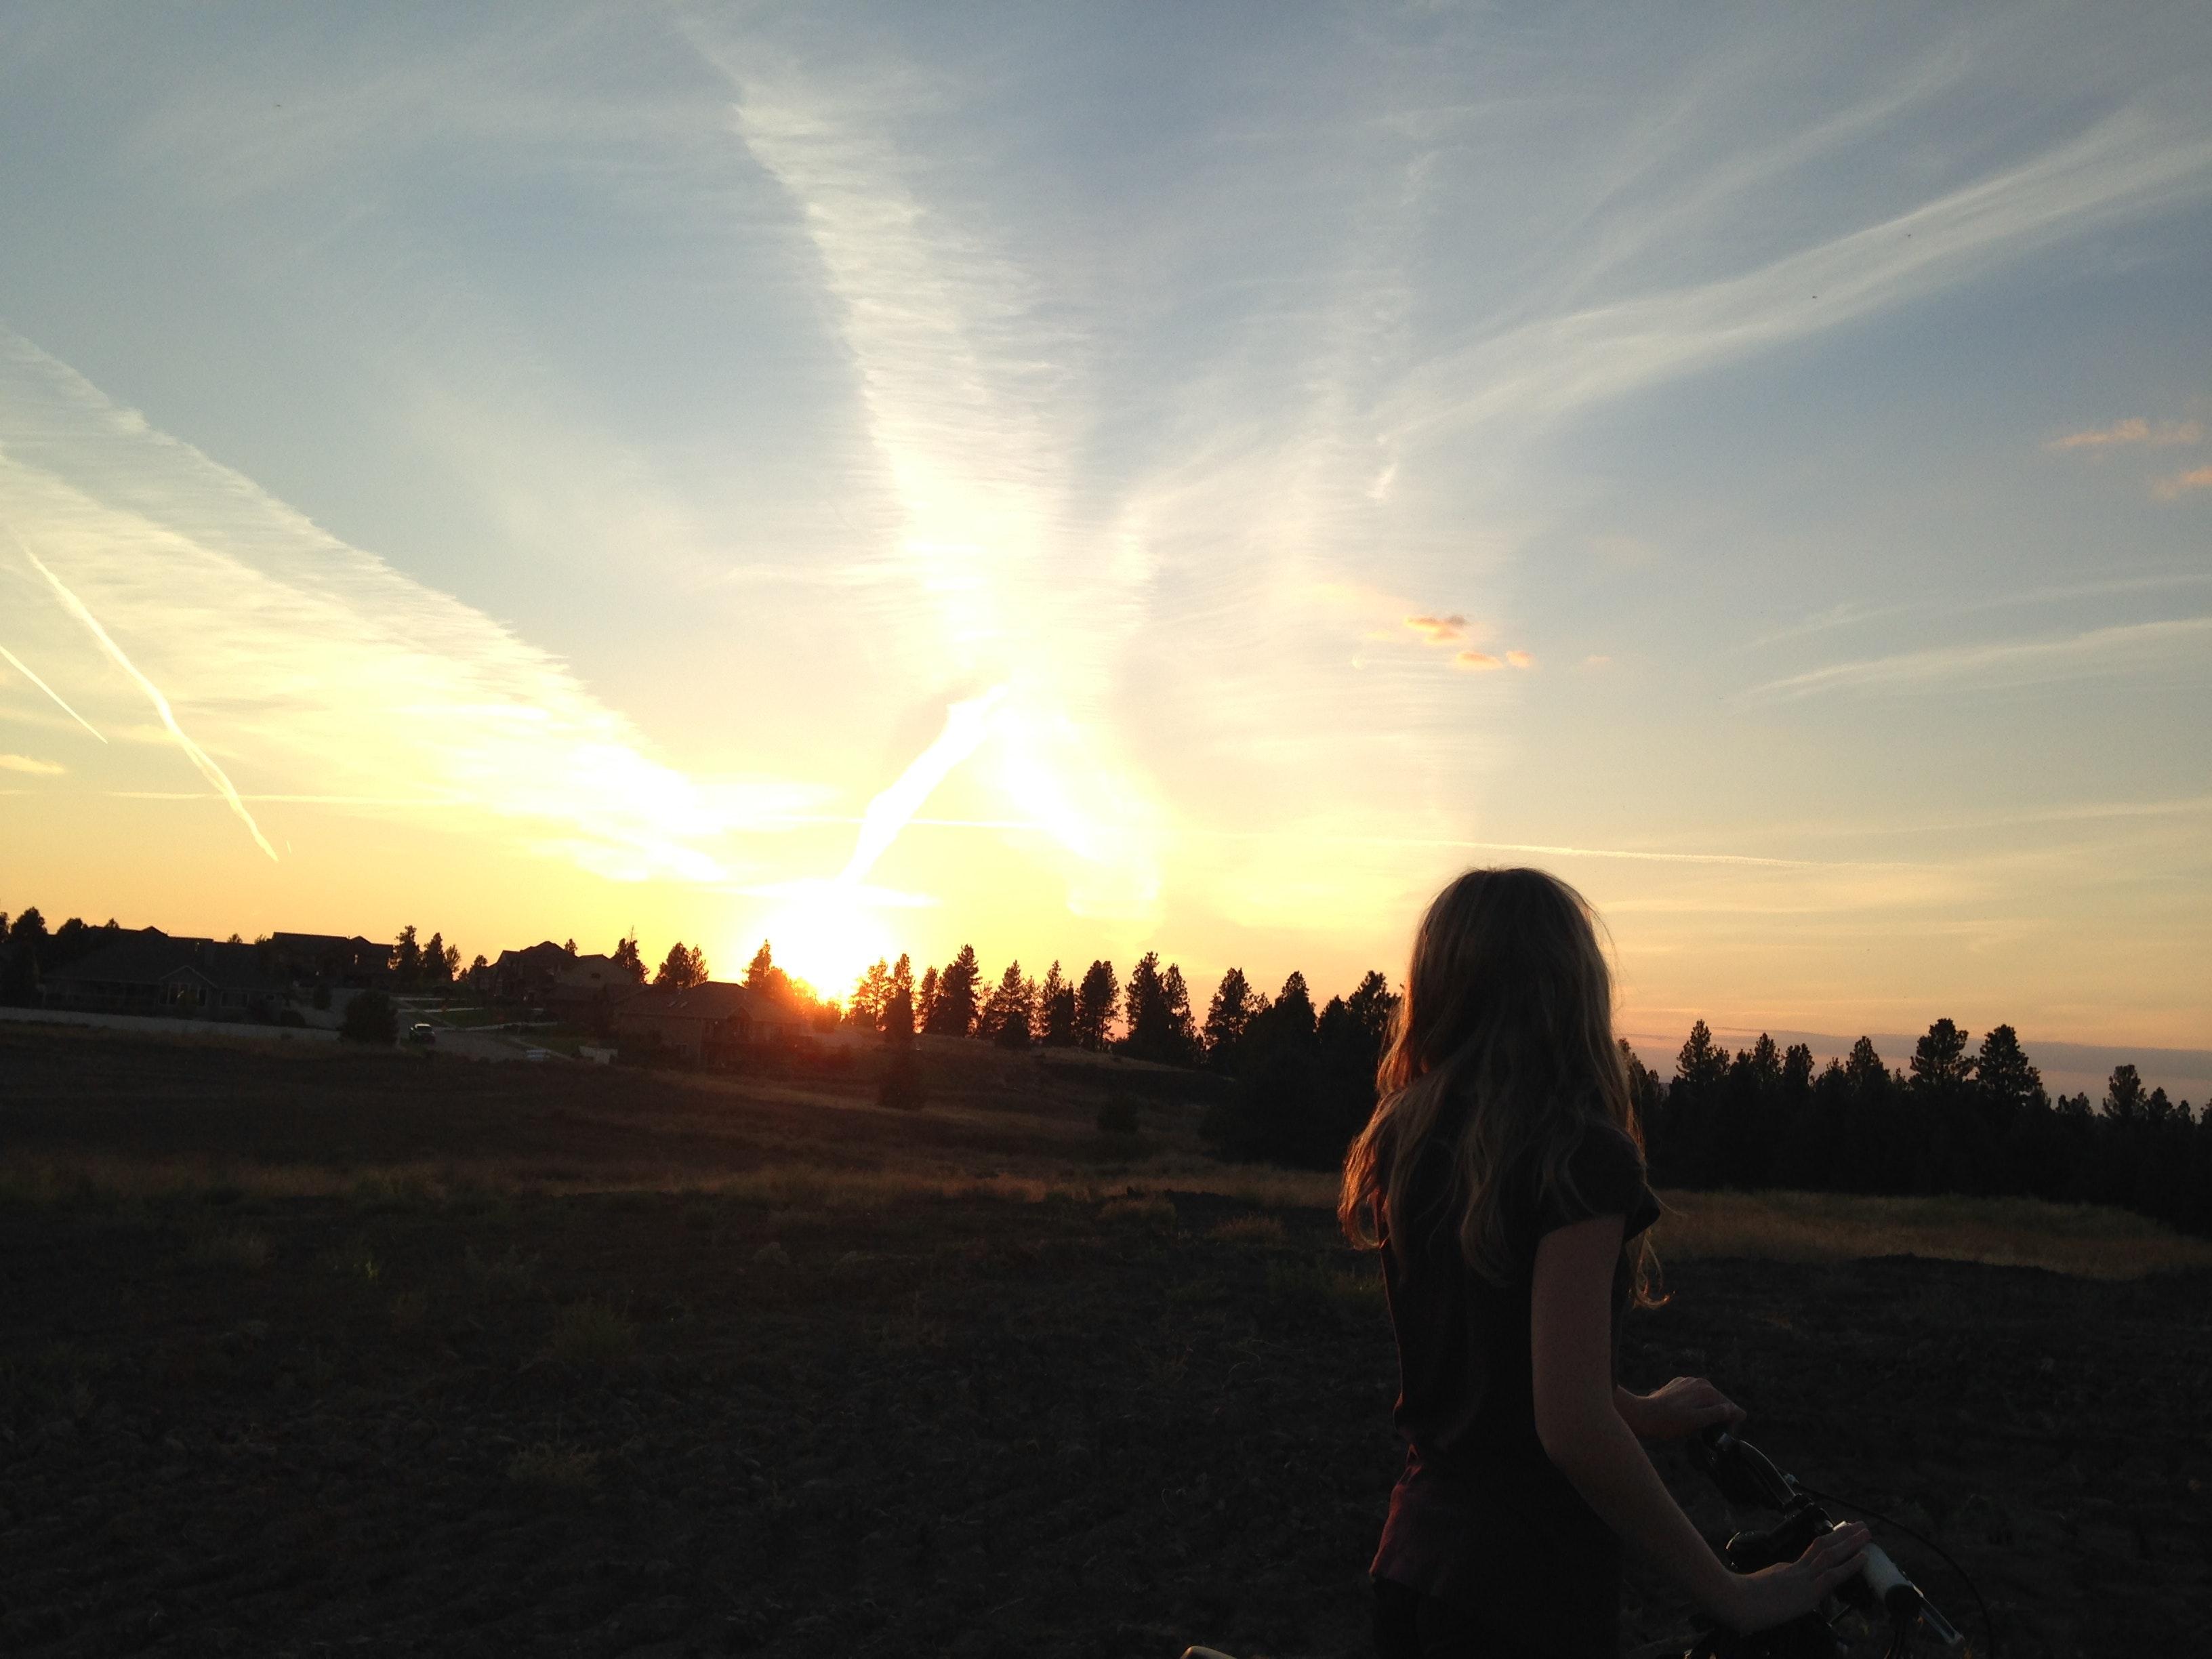 free stock photo of landscape nature sunrise